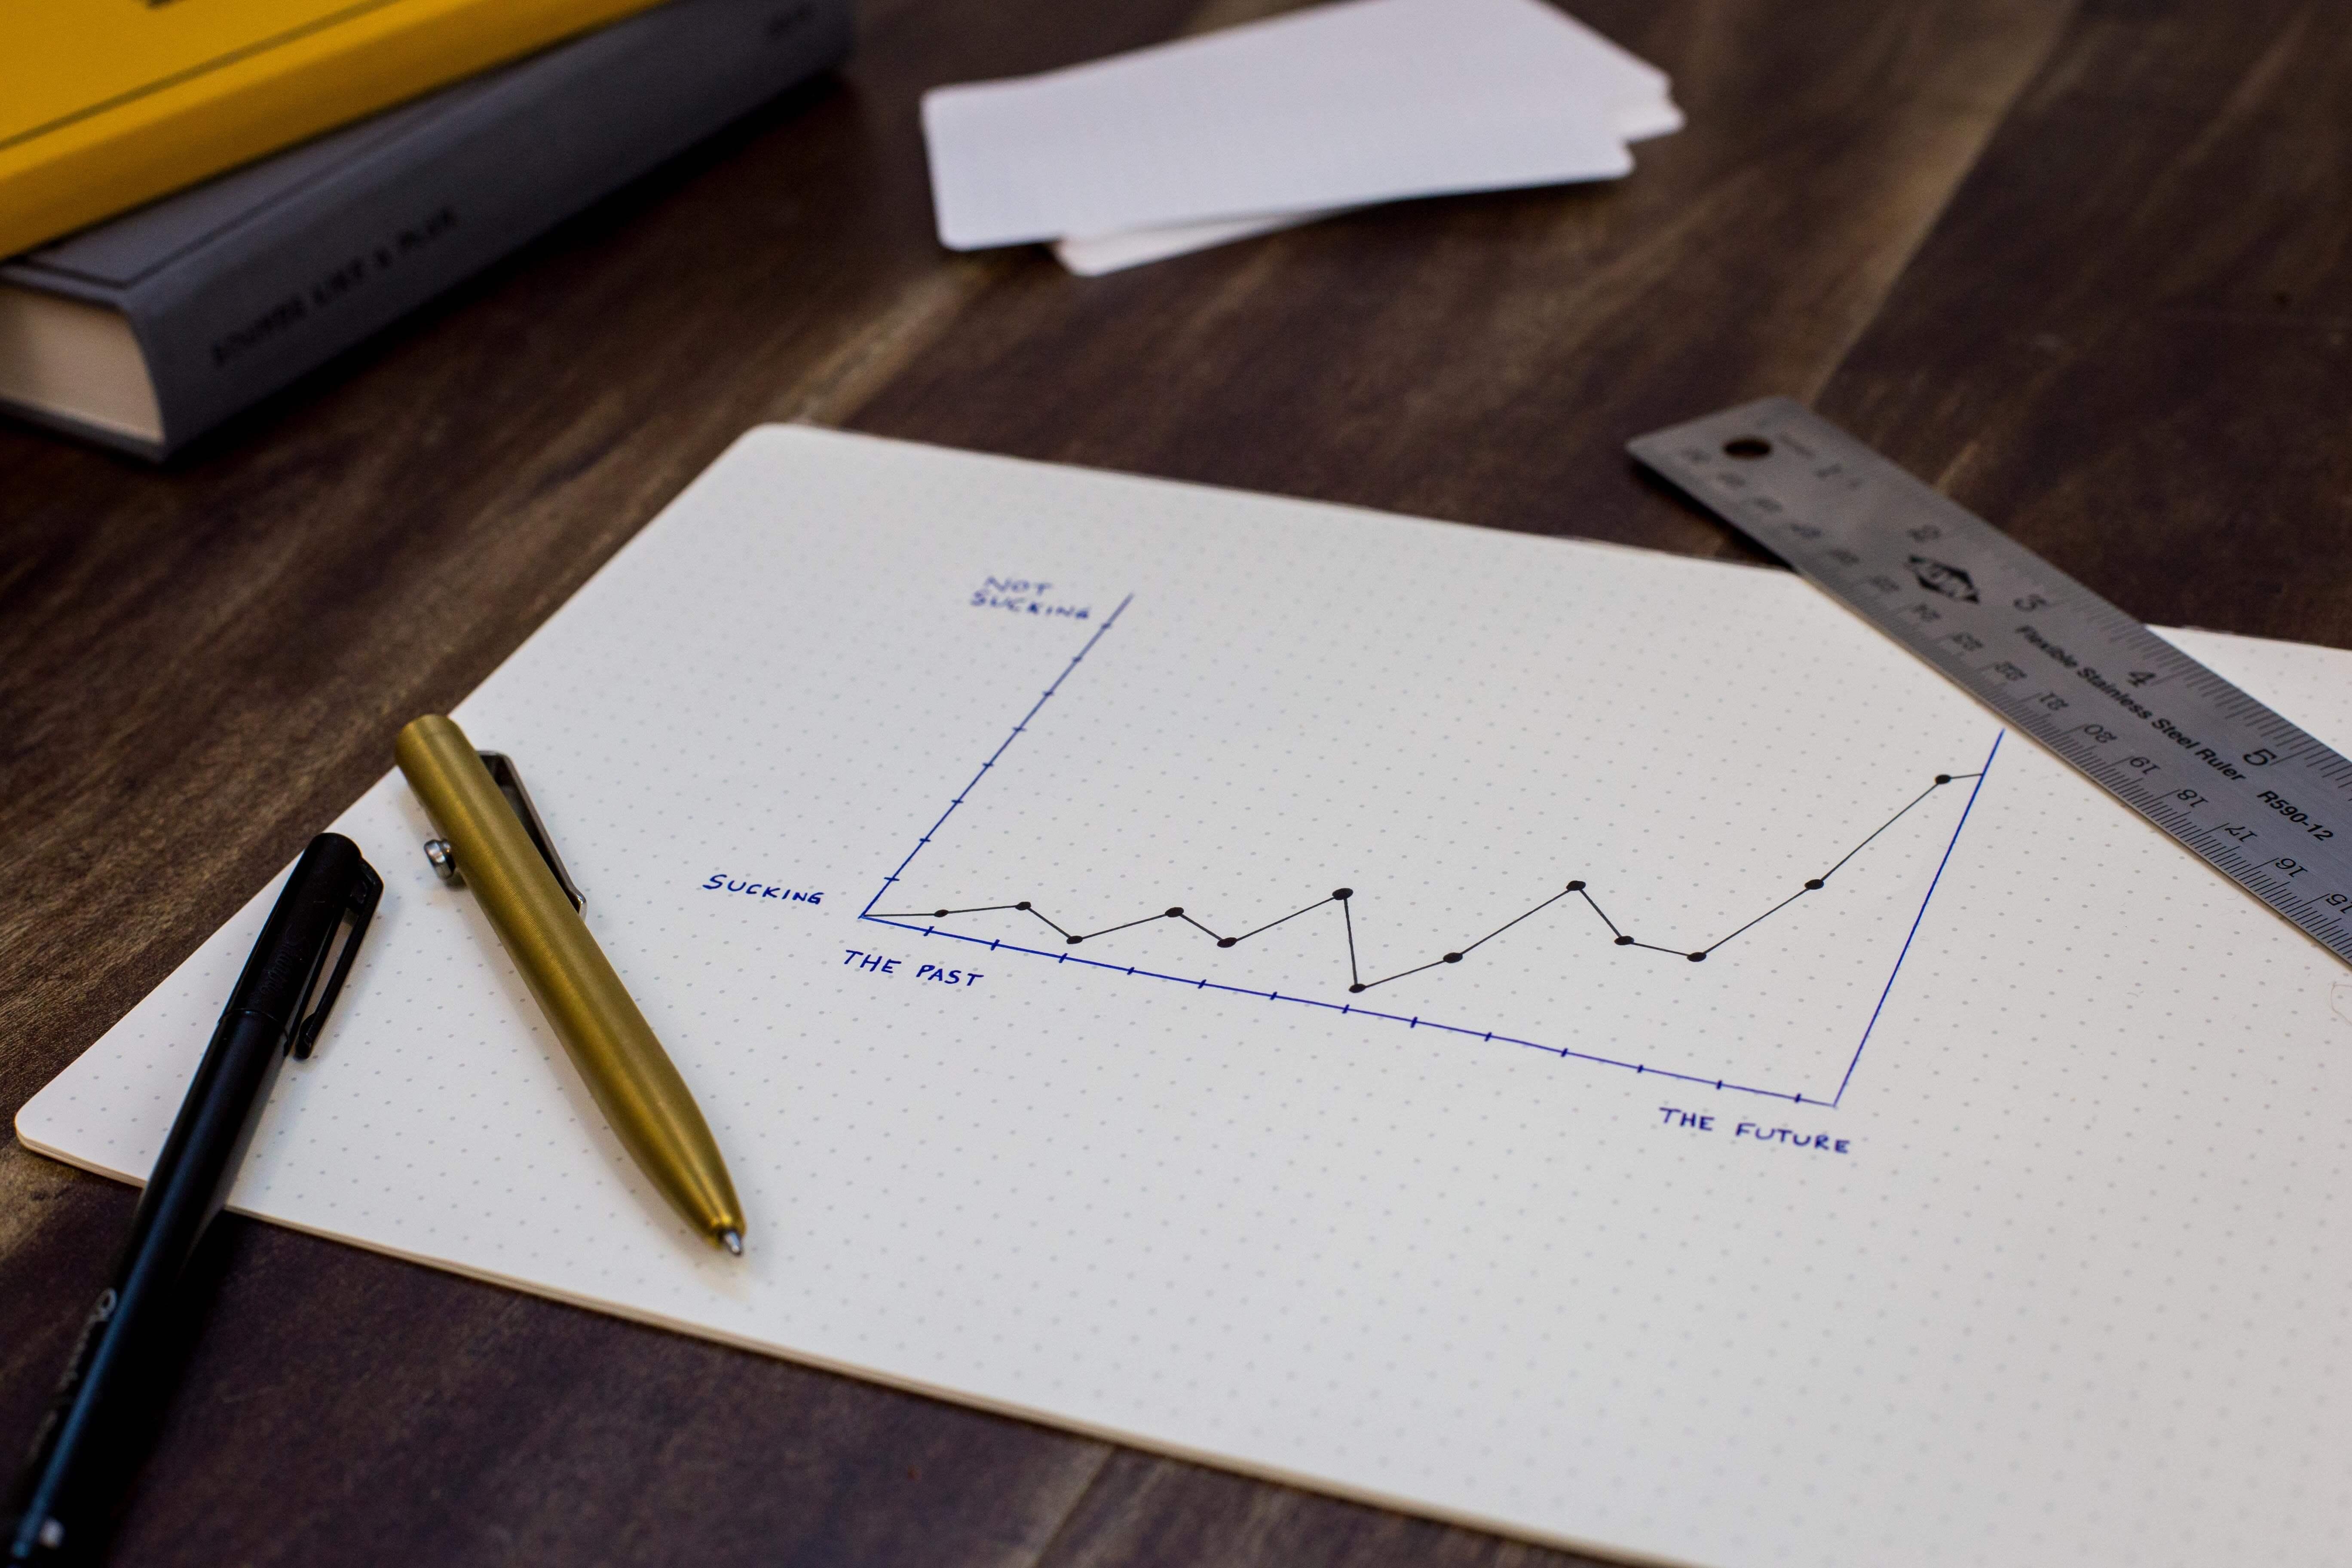 Dans l'image, une feuille de papier avec un graphique dessiné. Contenu sur l'indice de progrès social.